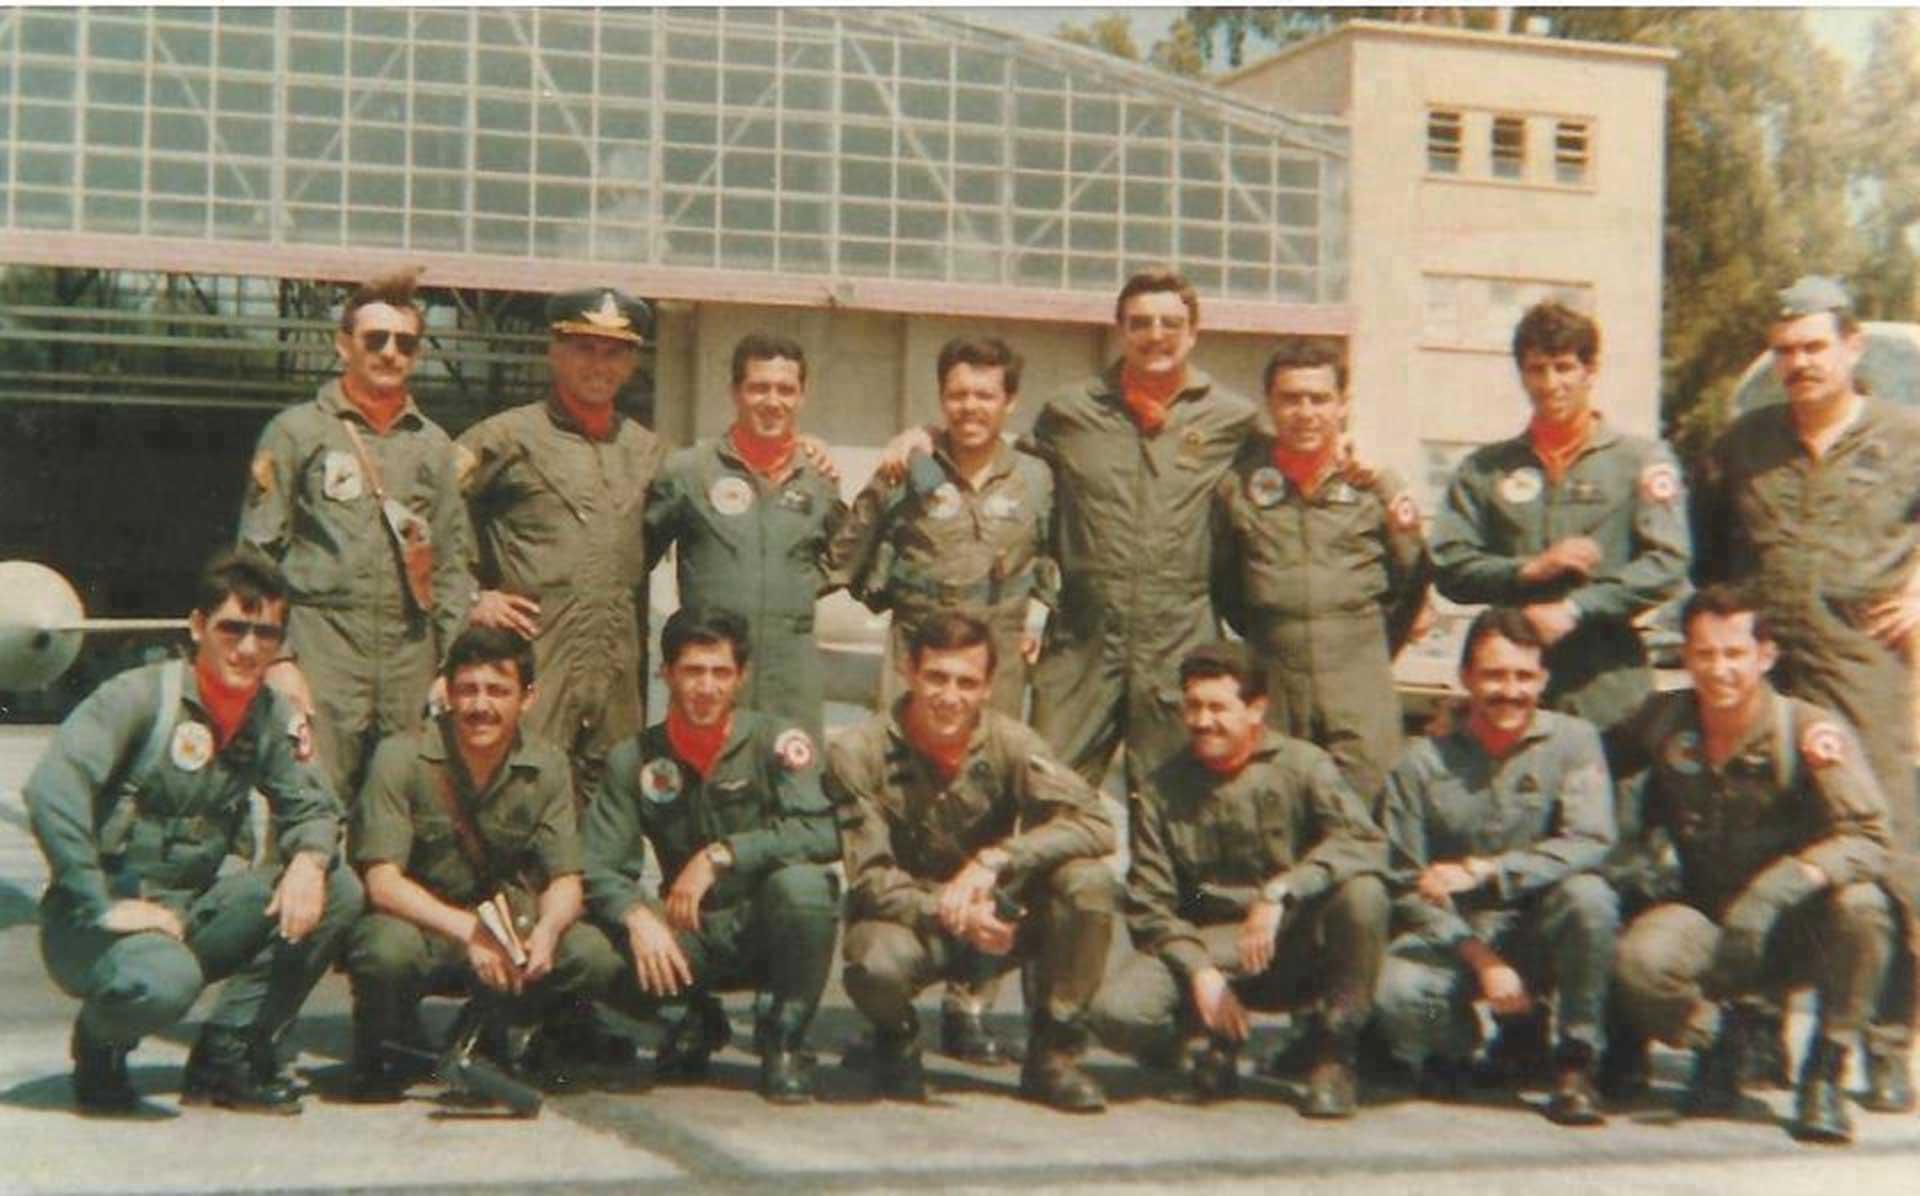 Pilotos de combate peruanos y argentinos, en septiembre de 1981, en la IV Brigada Aérea, Mendoza, Argentina. Foto: Gentileza Gómez de la Torre Rotta.